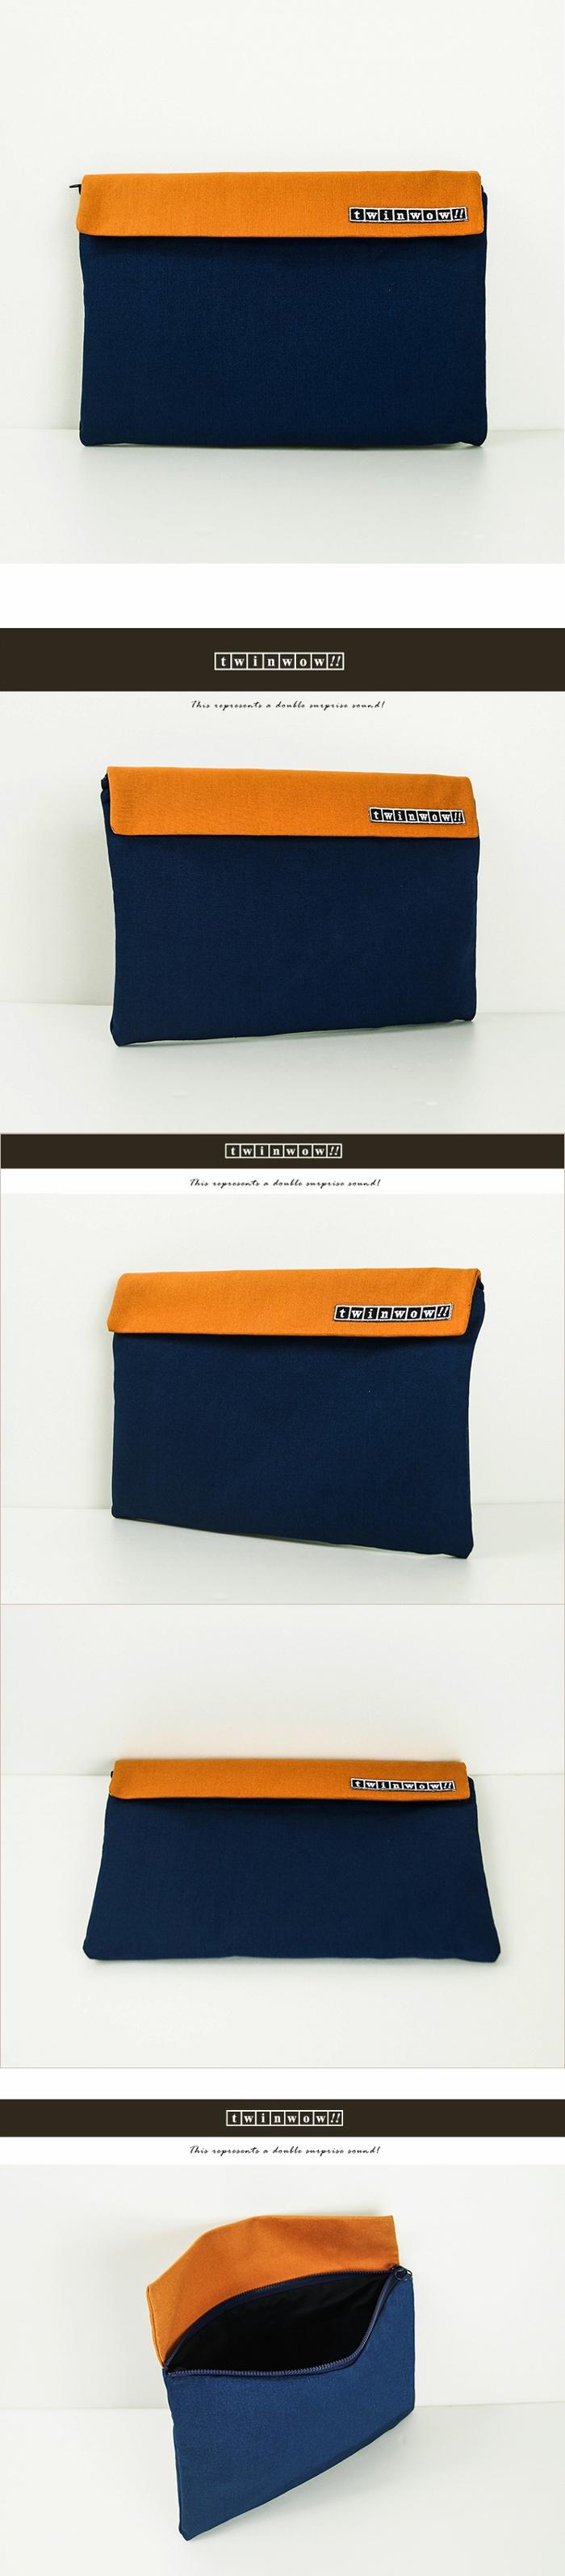 (複製)twinwow|時尚筆記 - 細緻質感平板包(點點黑)